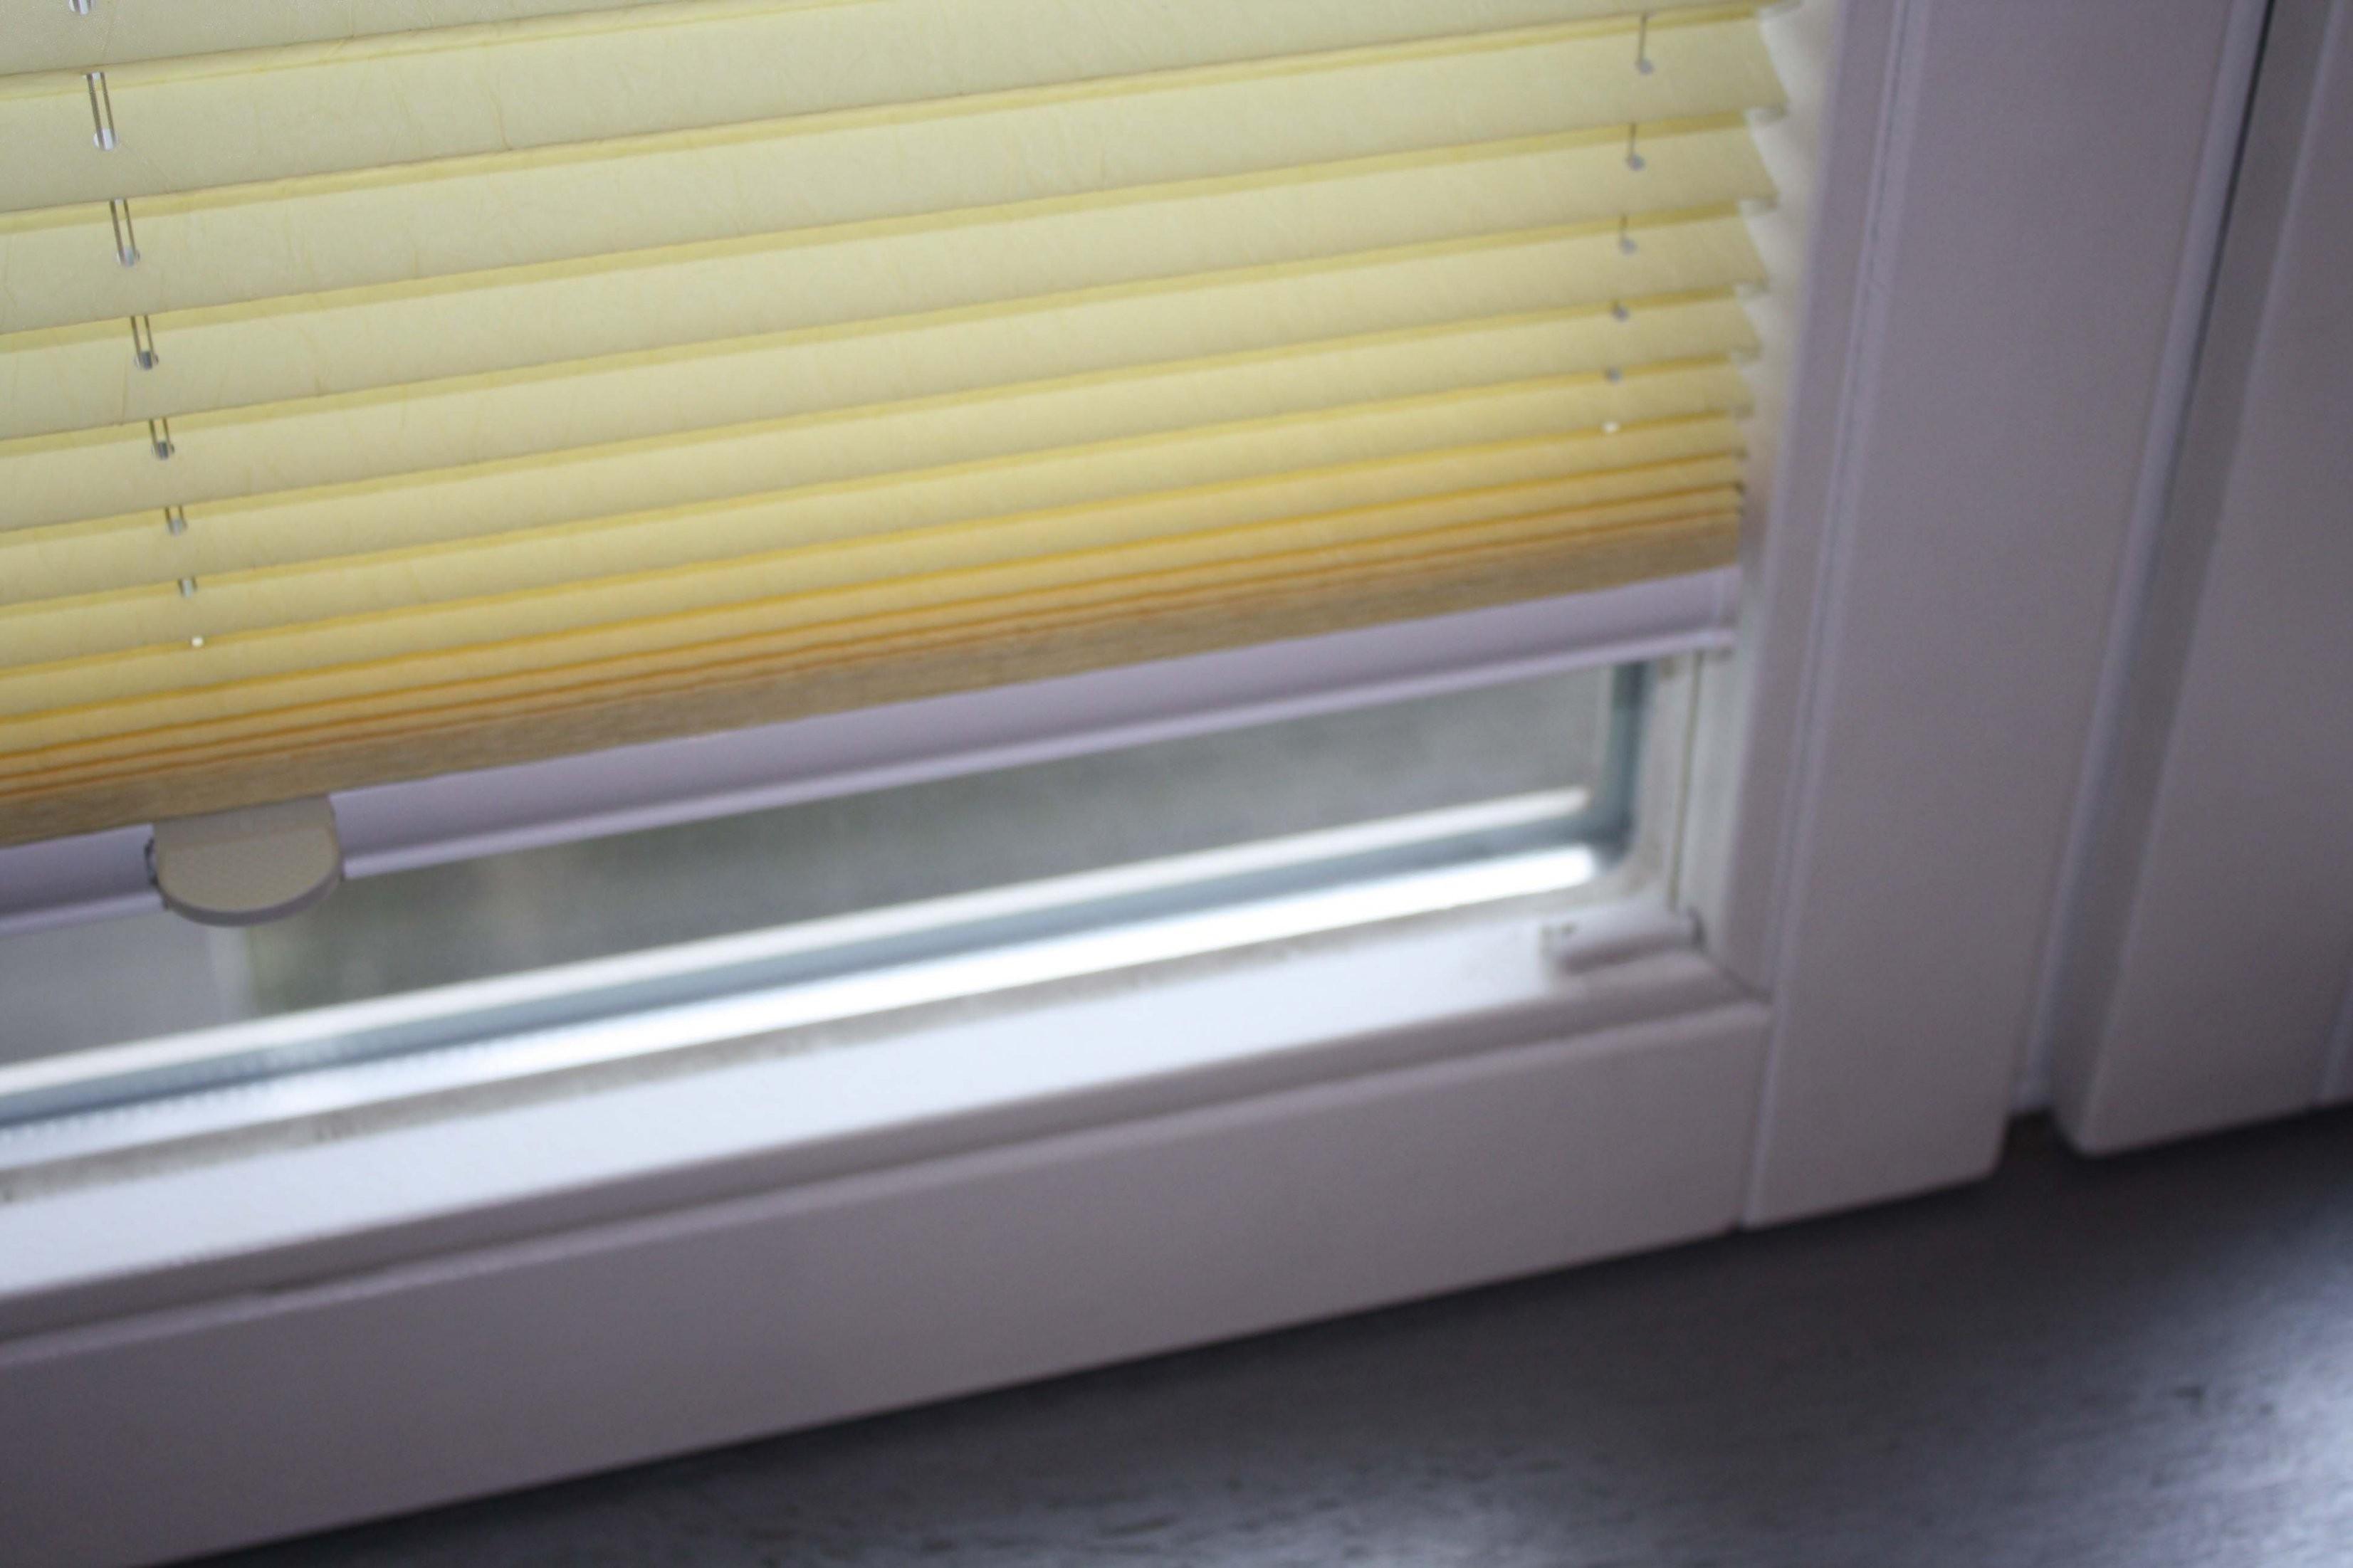 Plissee (Faltos) Bestellen Im Onlineshop Wie Tief Muss Der Innere von Plissee Rollos Für Fenster Bild